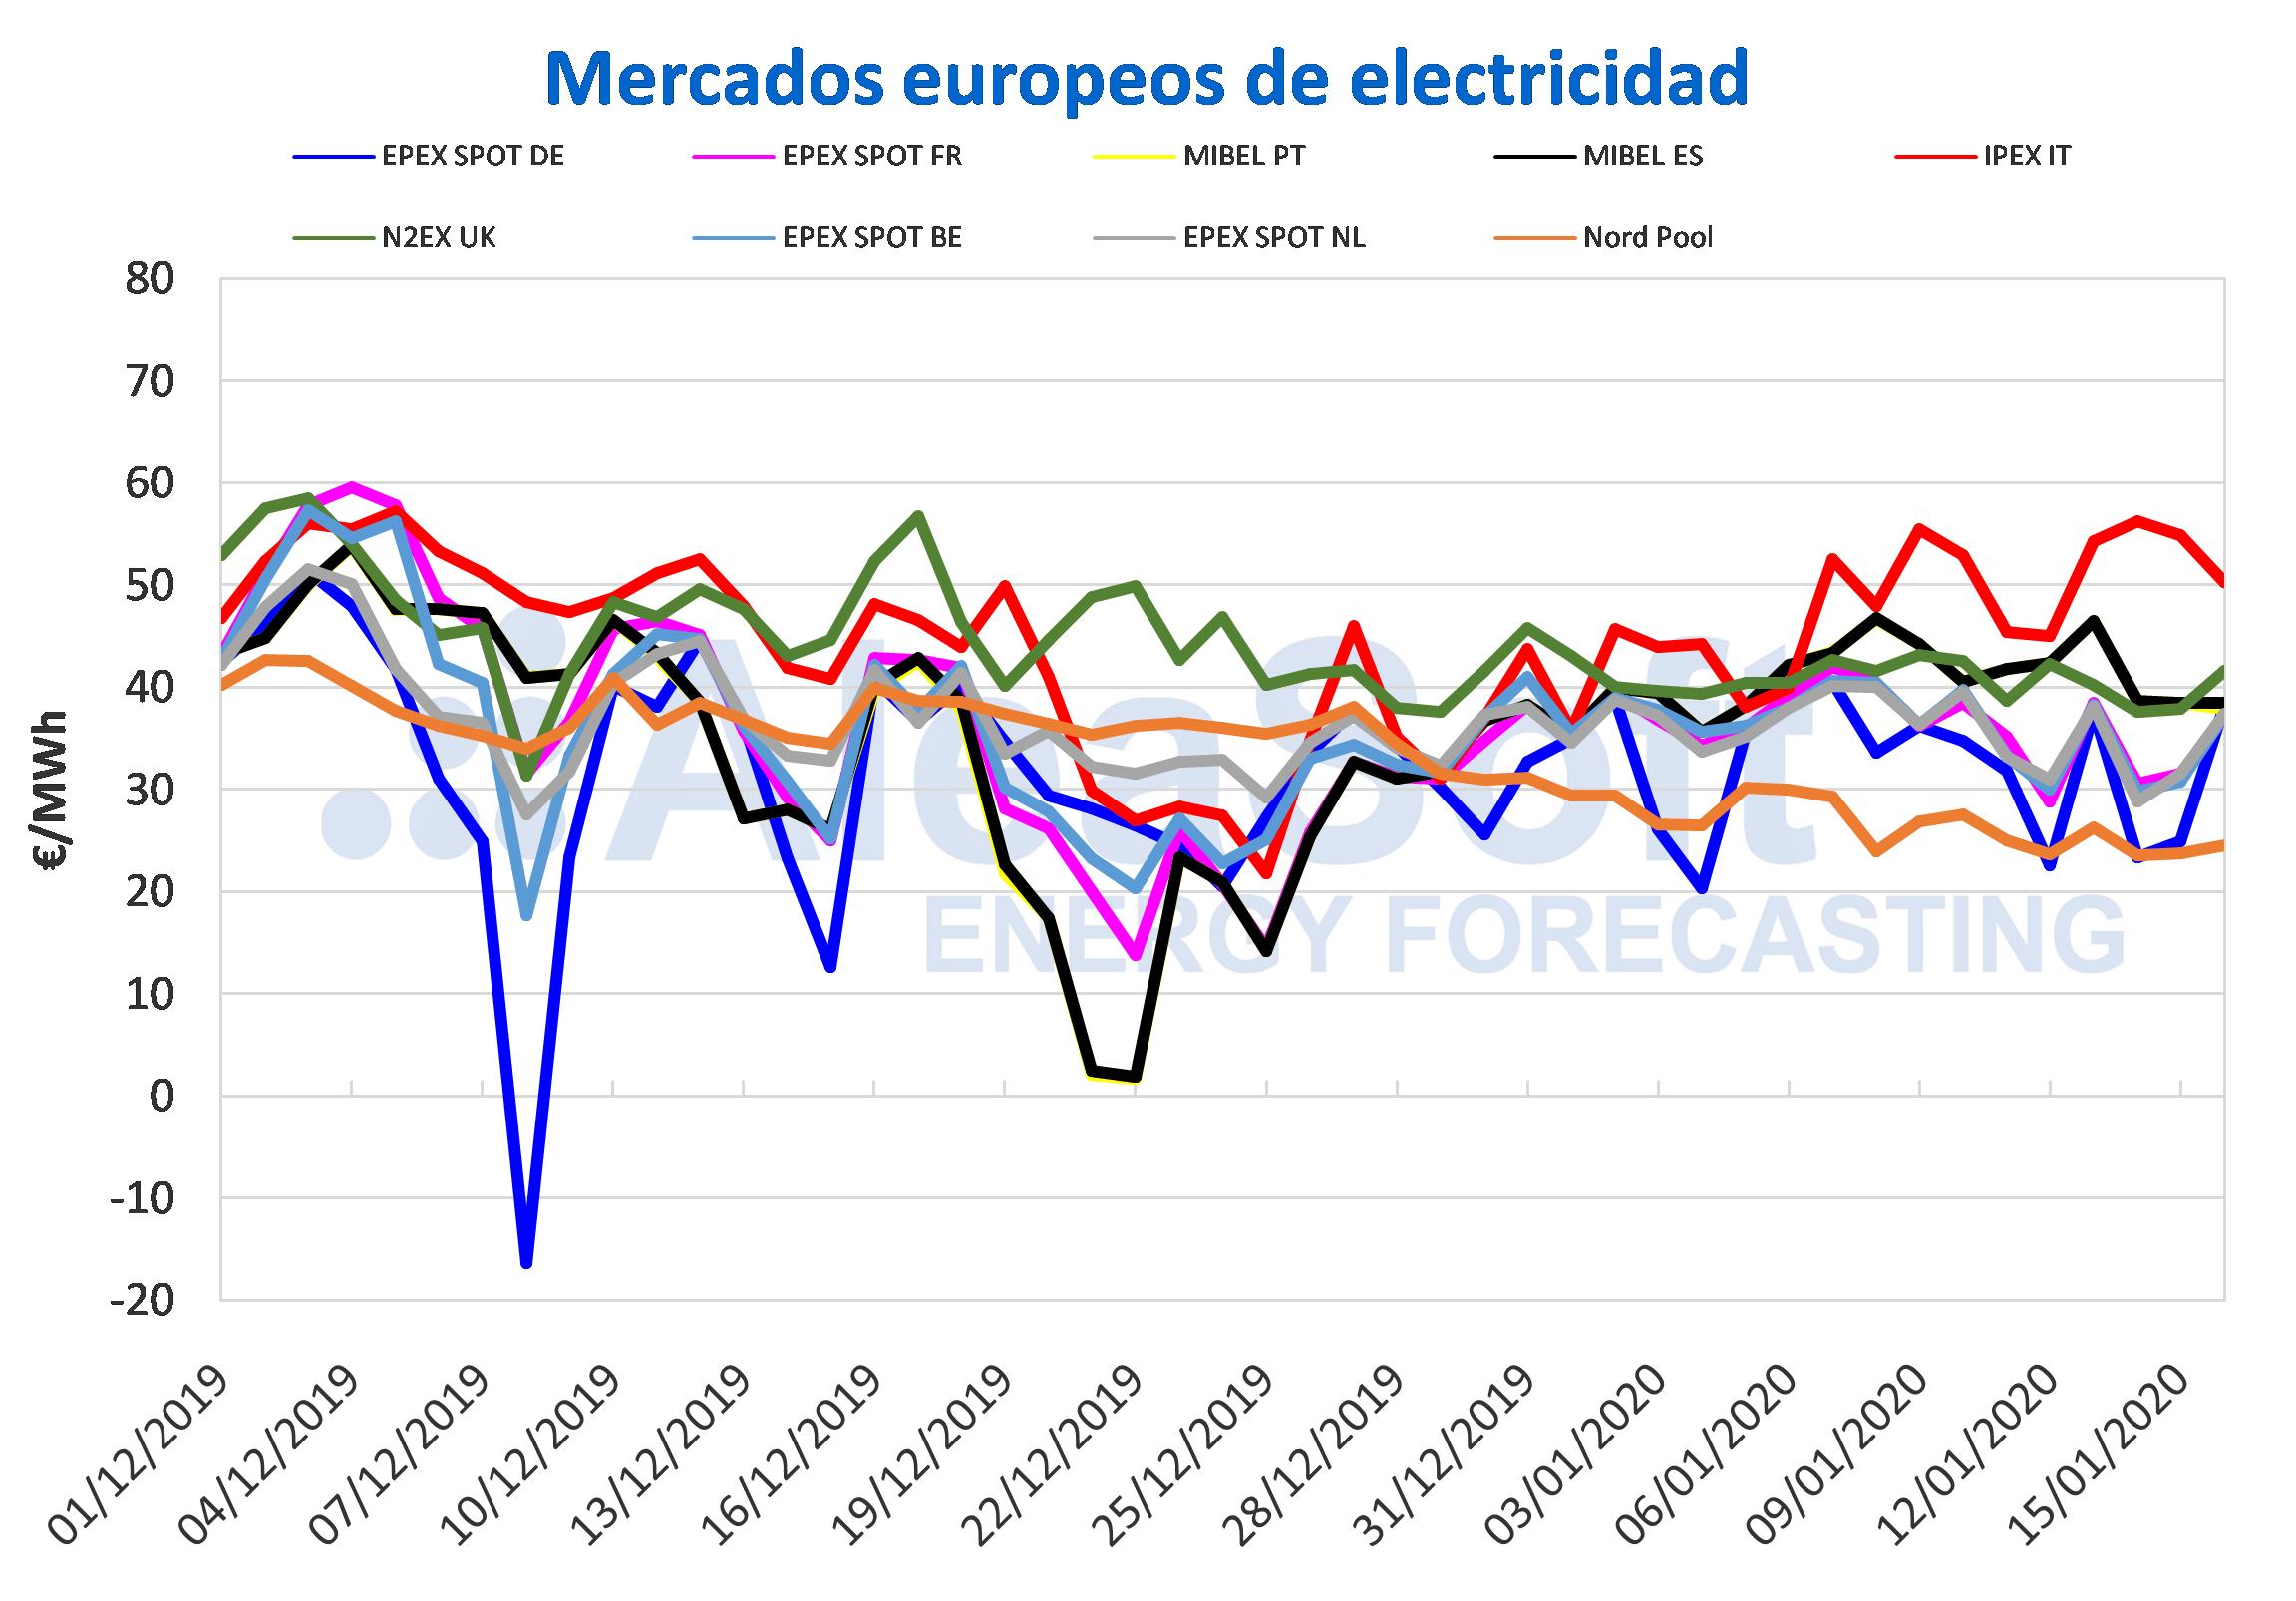 La mayor producción eólica provoca la disminución del precio de la energía eléctrica 3